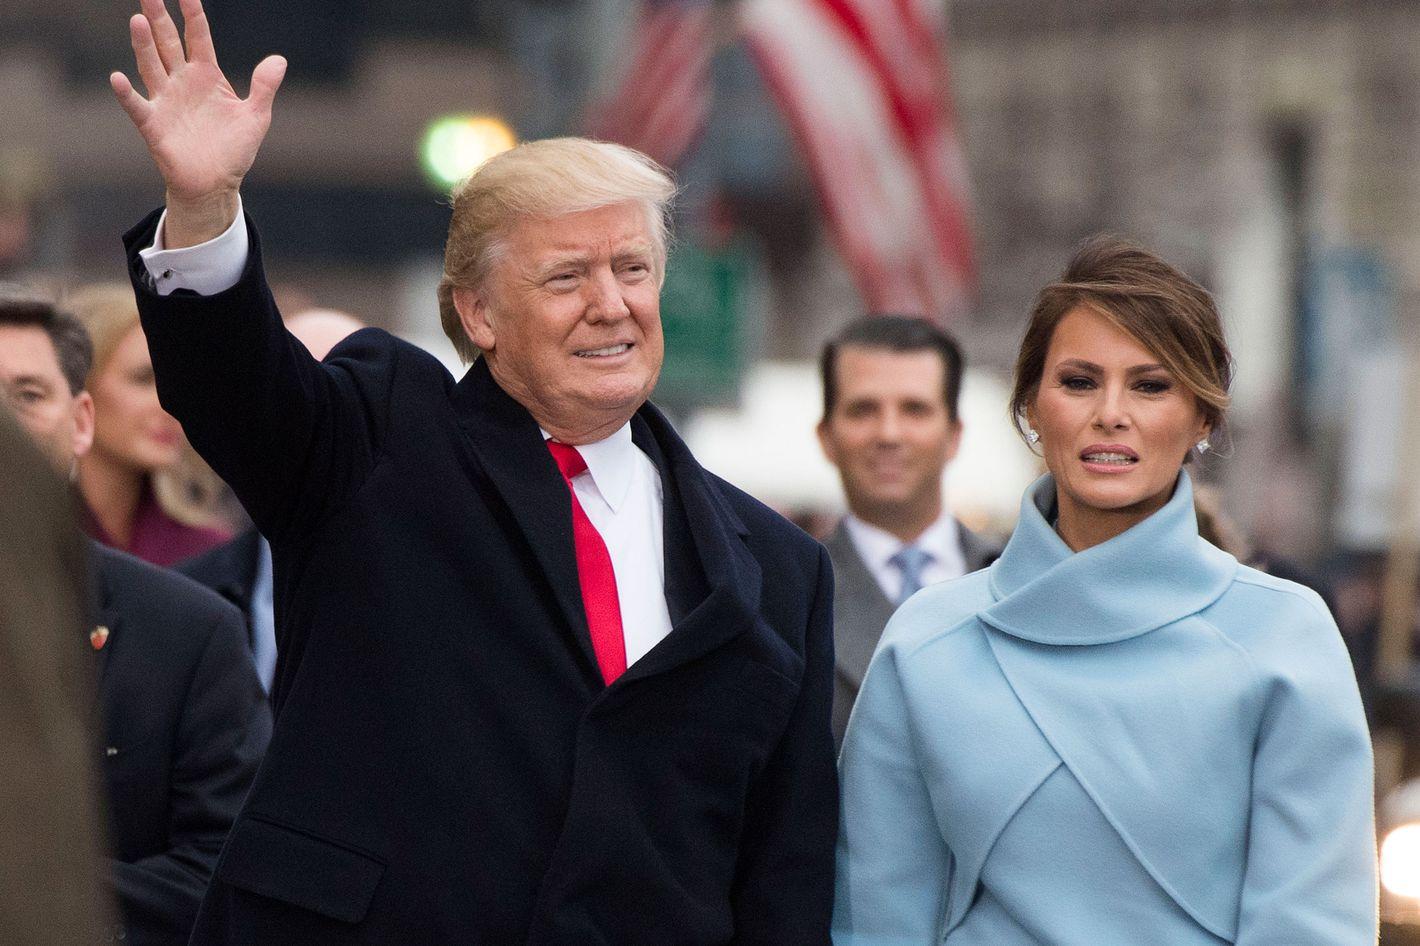 Awkward Clip of Donald & Melania at the Inauguration Is Real